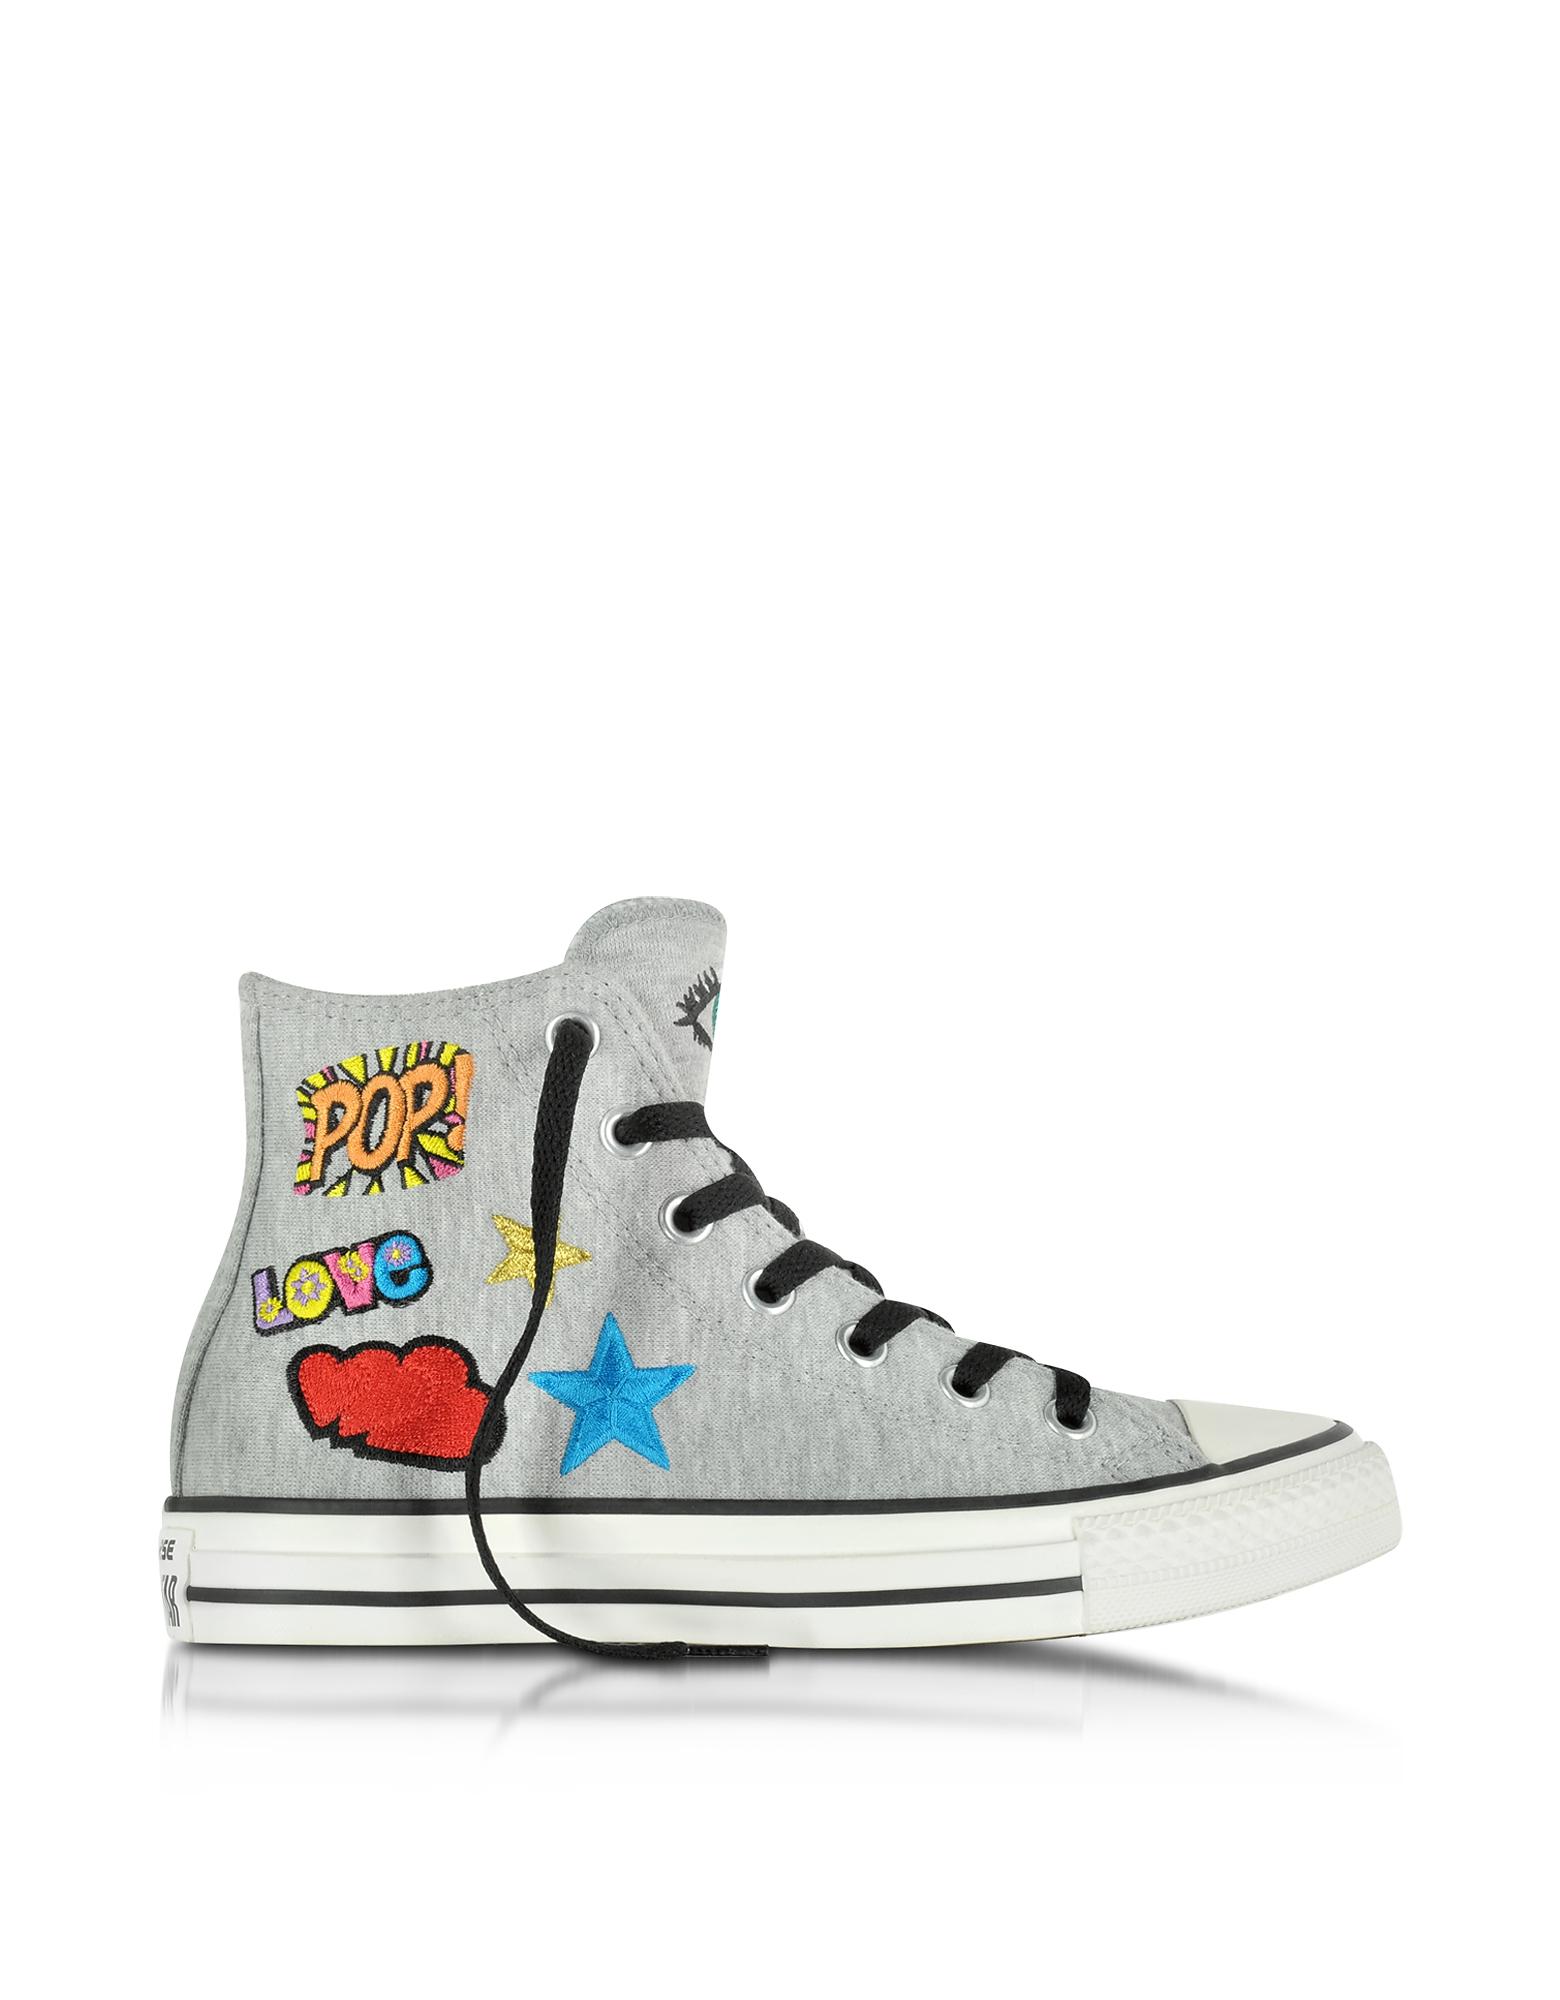 Converse Limited Edition All Star - Высокие Меланжево-серые Женские Кеды с Нашивками из Плиса